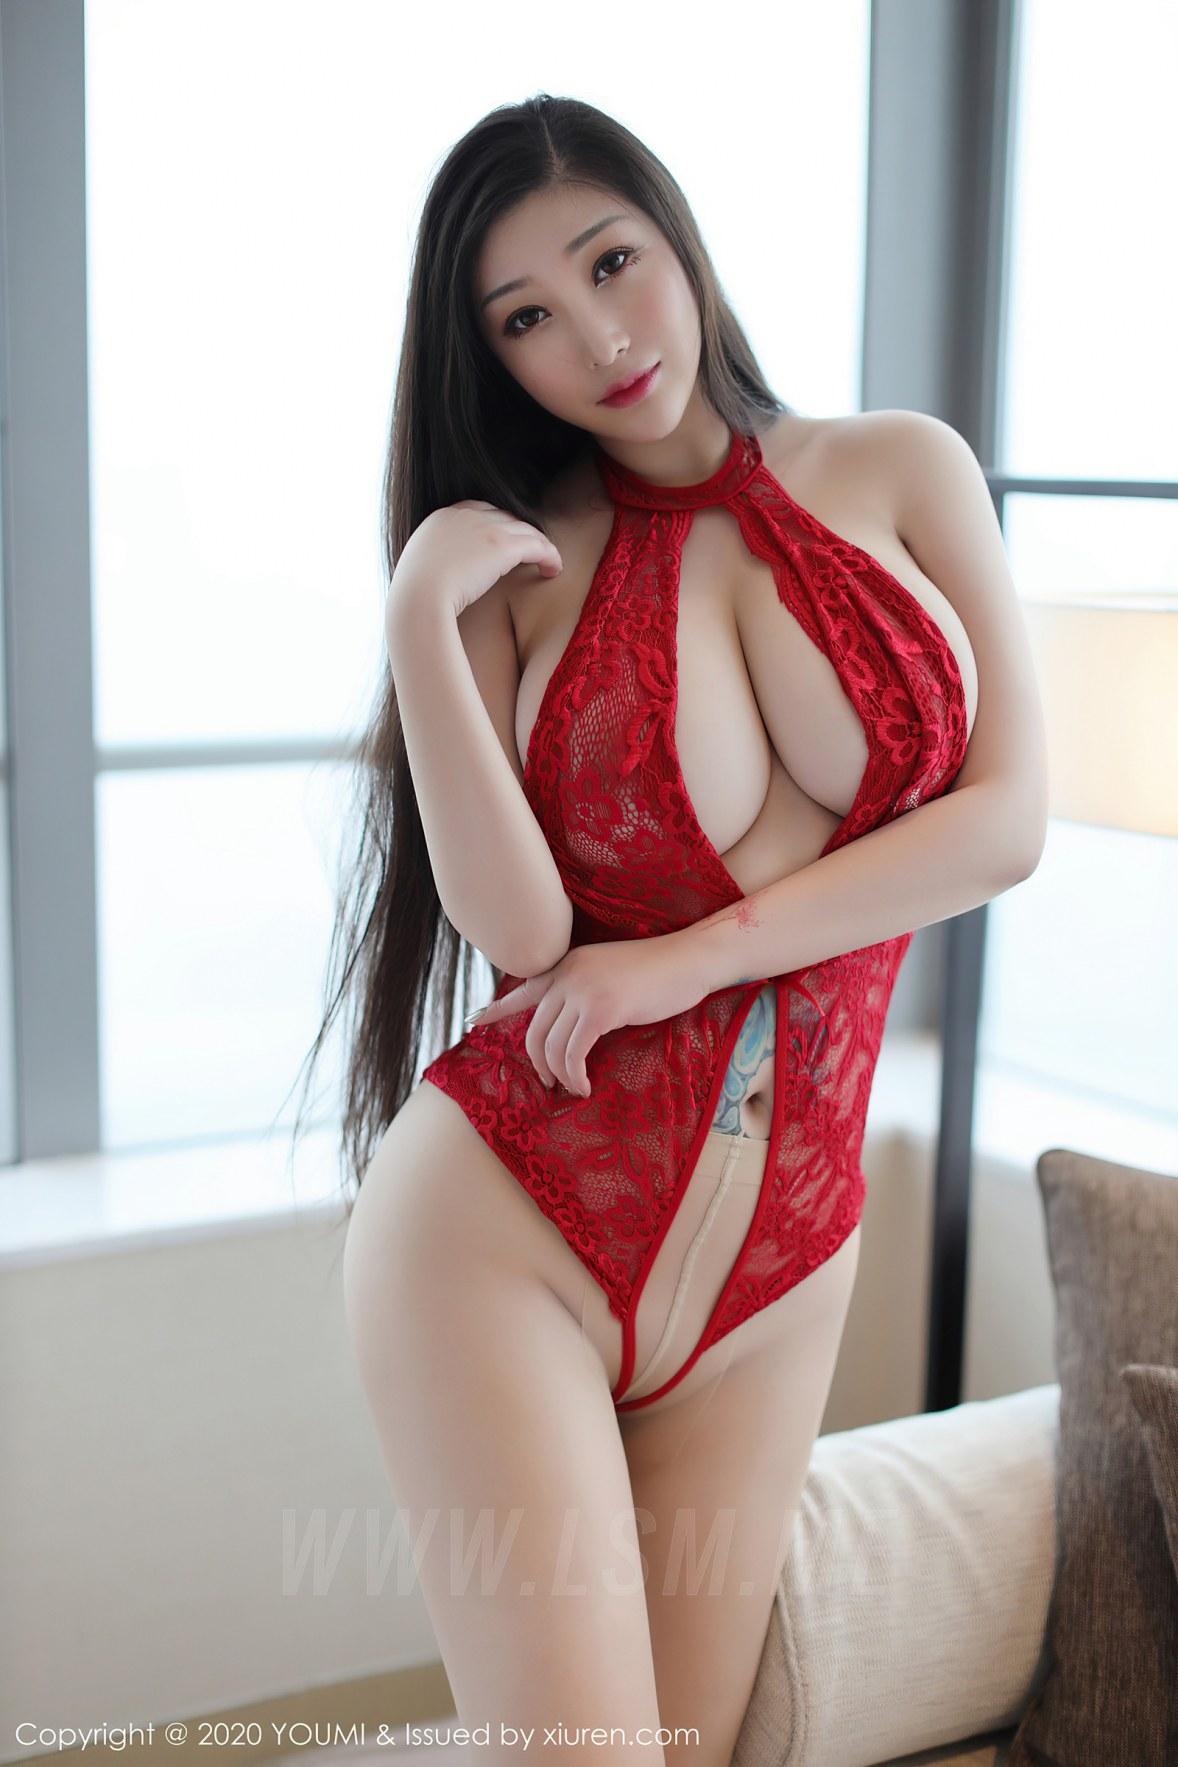 YOUMI 尤蜜荟 Vol.486 妲己_toxic 巨乳蕾丝连体衣 - 1